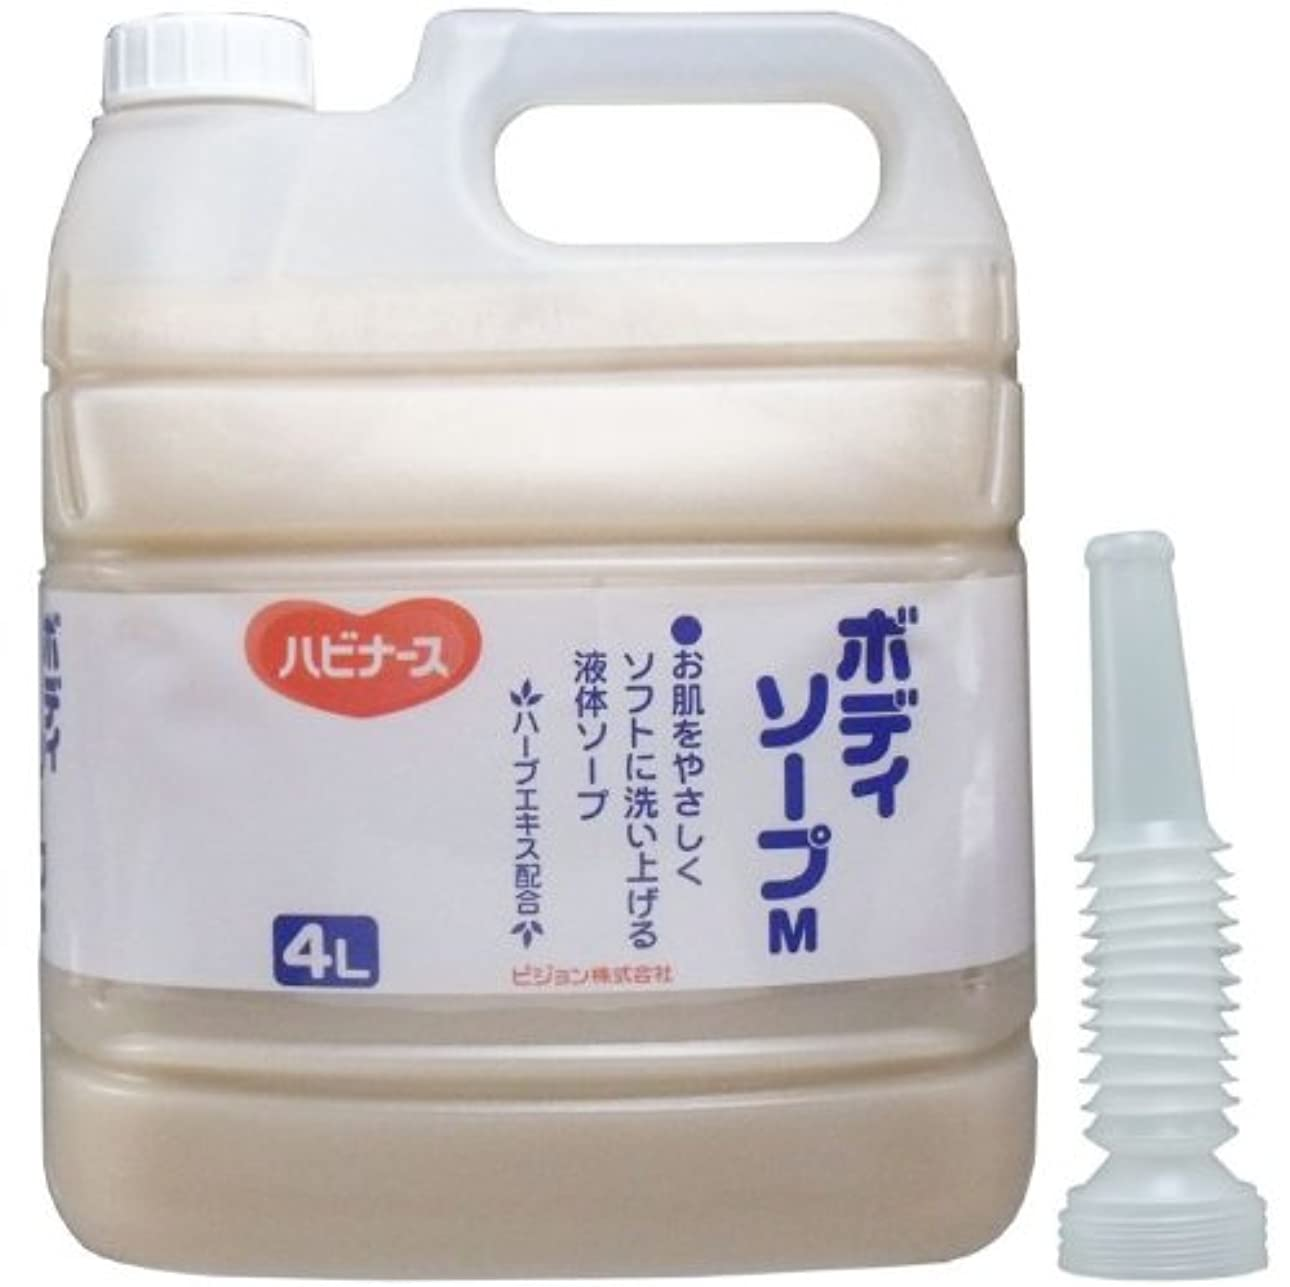 幸福平和な幸福液体ソープ ボディソープ 風呂 石ケン お肌をやさしくソフトに洗い上げる!業務用 4L【2個セット】